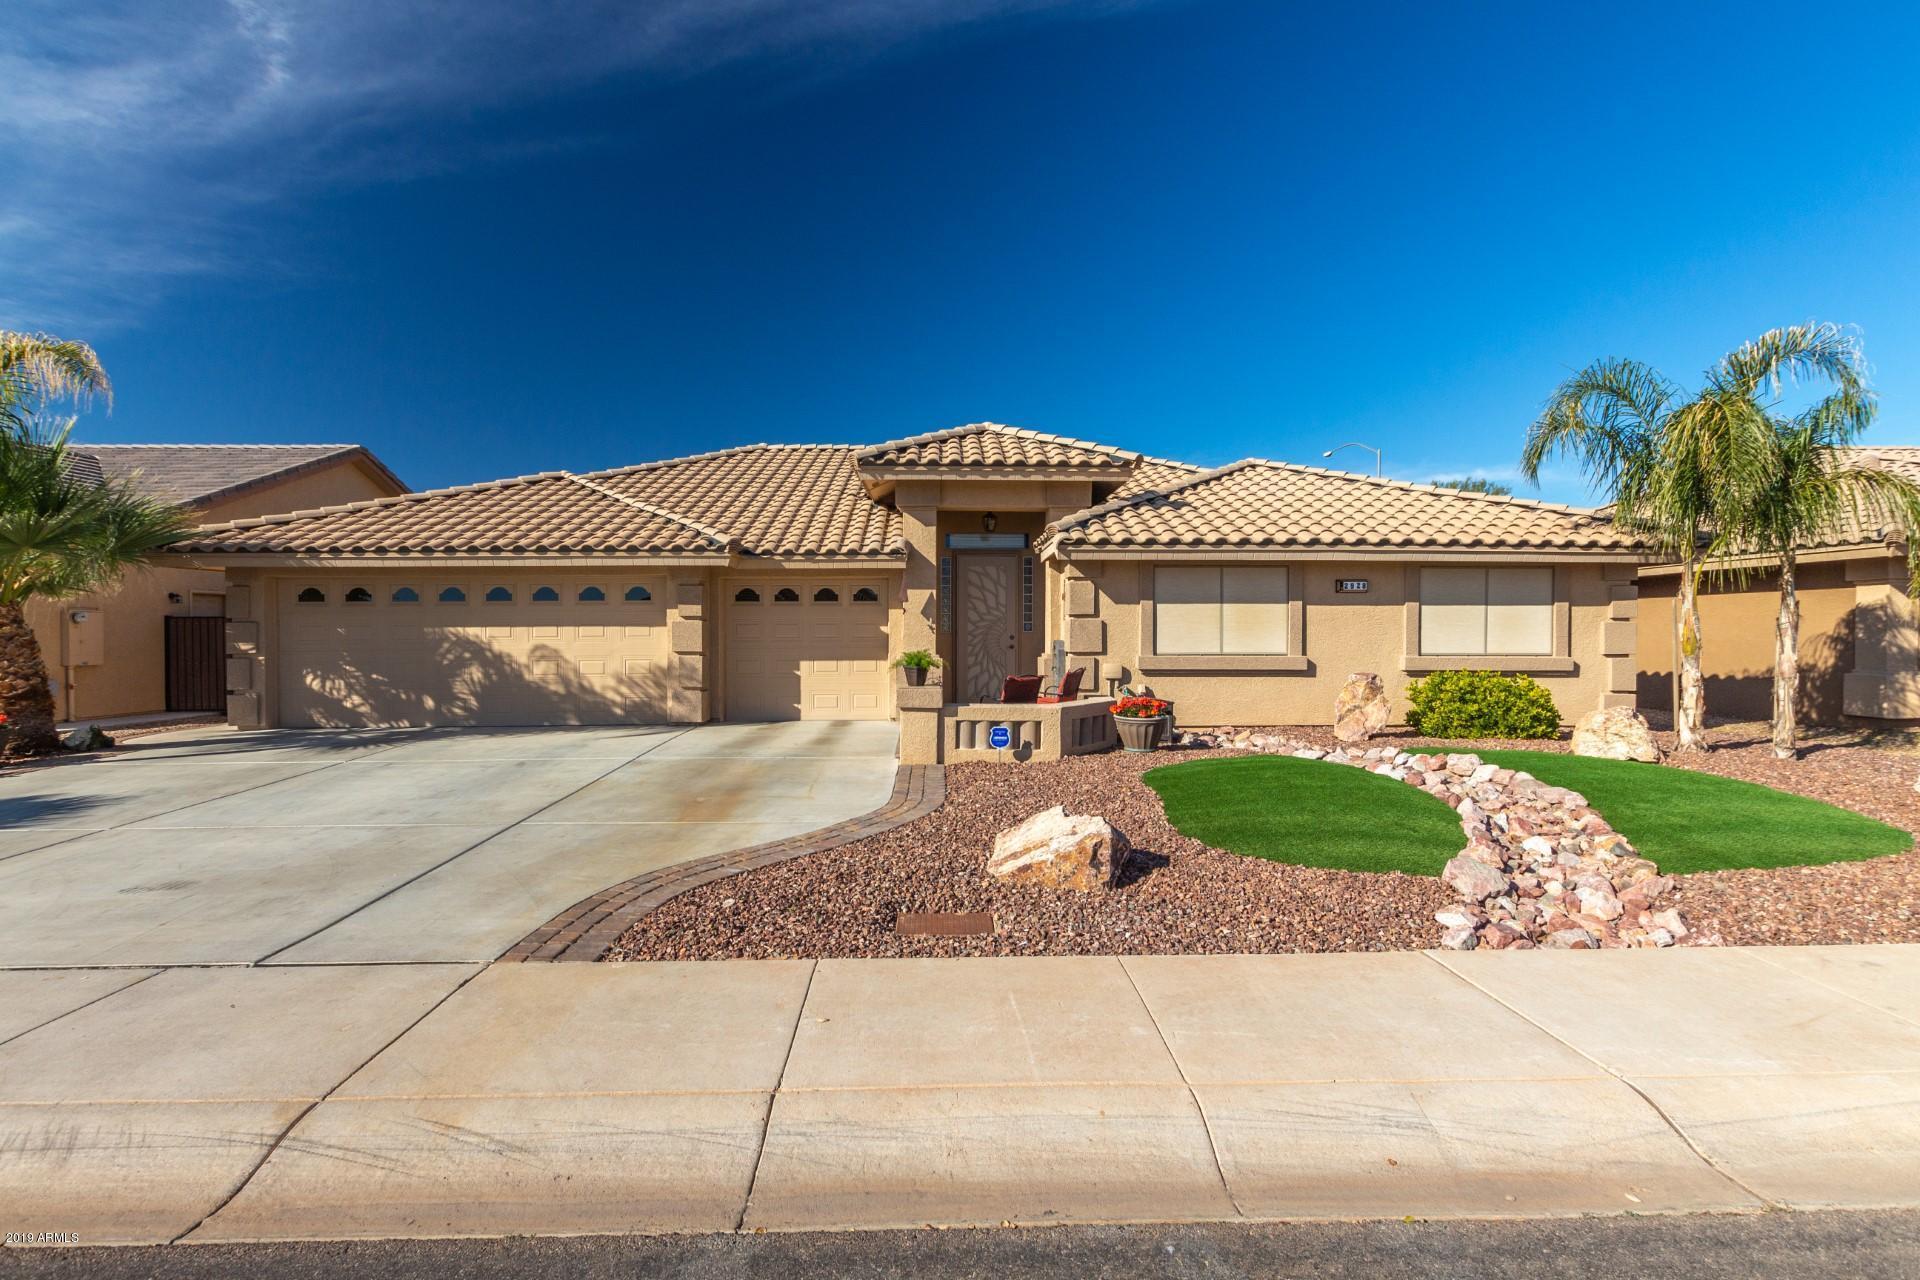 Photo of 2928 S OLIVEWOOD --, Mesa, AZ 85212